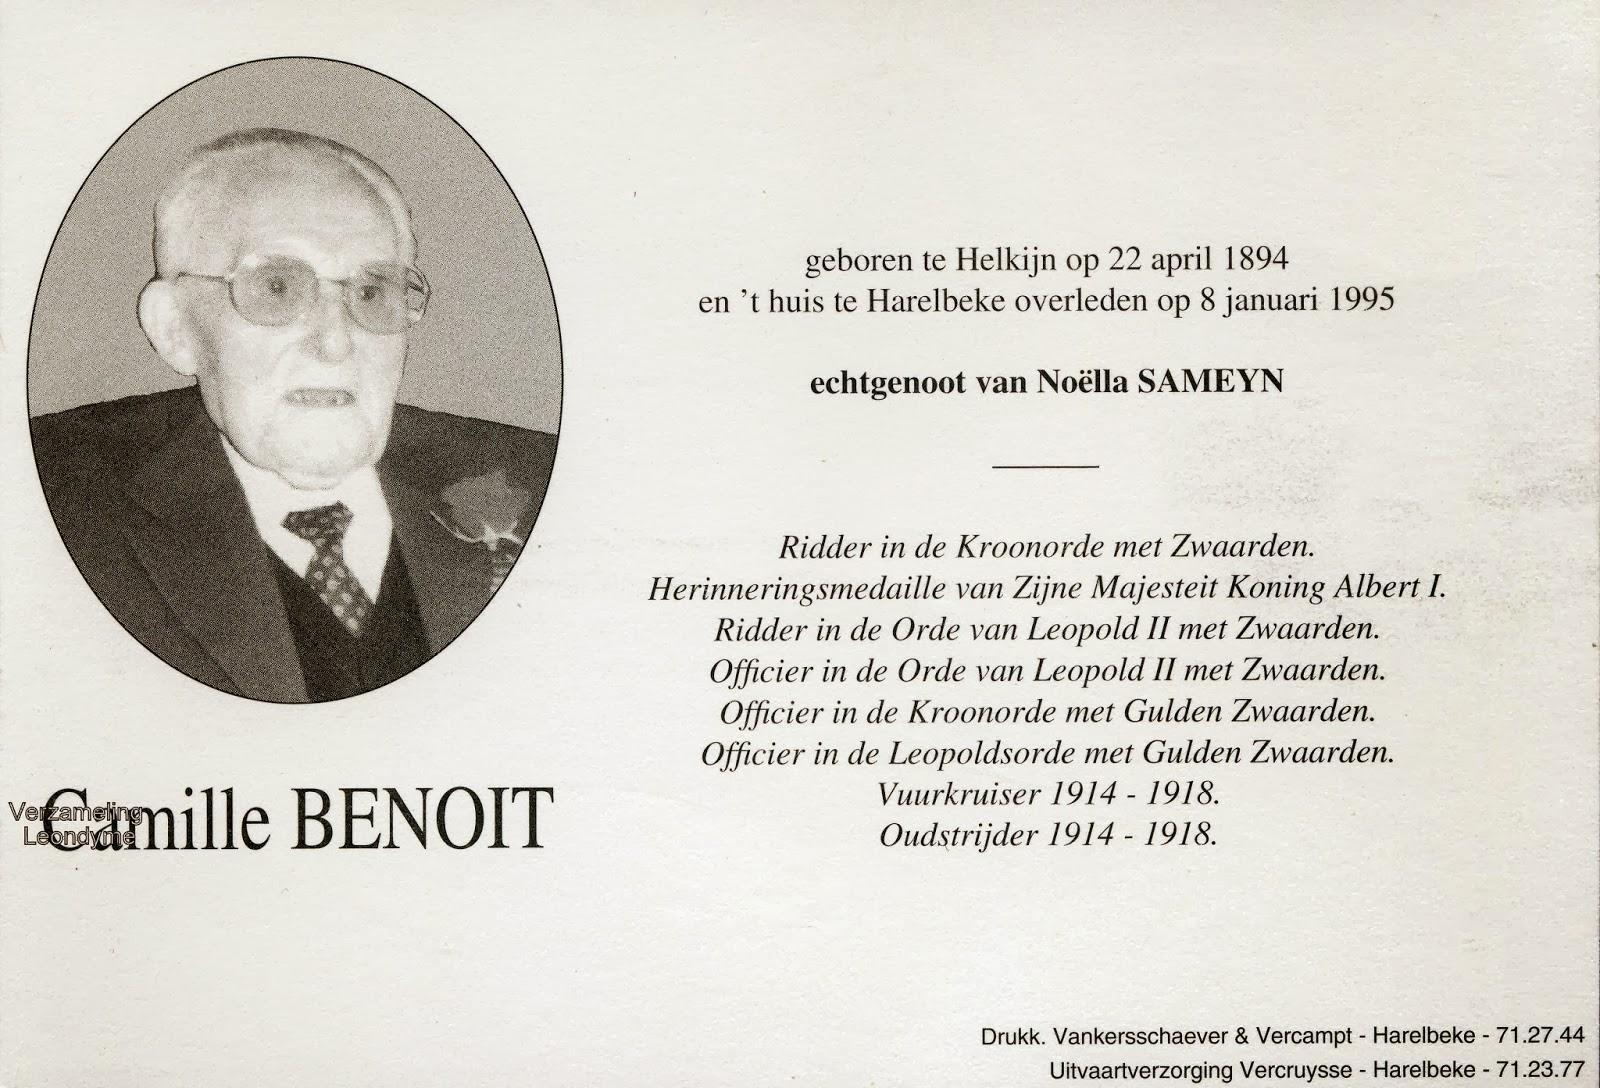 Bidprentje van oud-strijder/vuurkruiser Camille Benoit 1894-1995